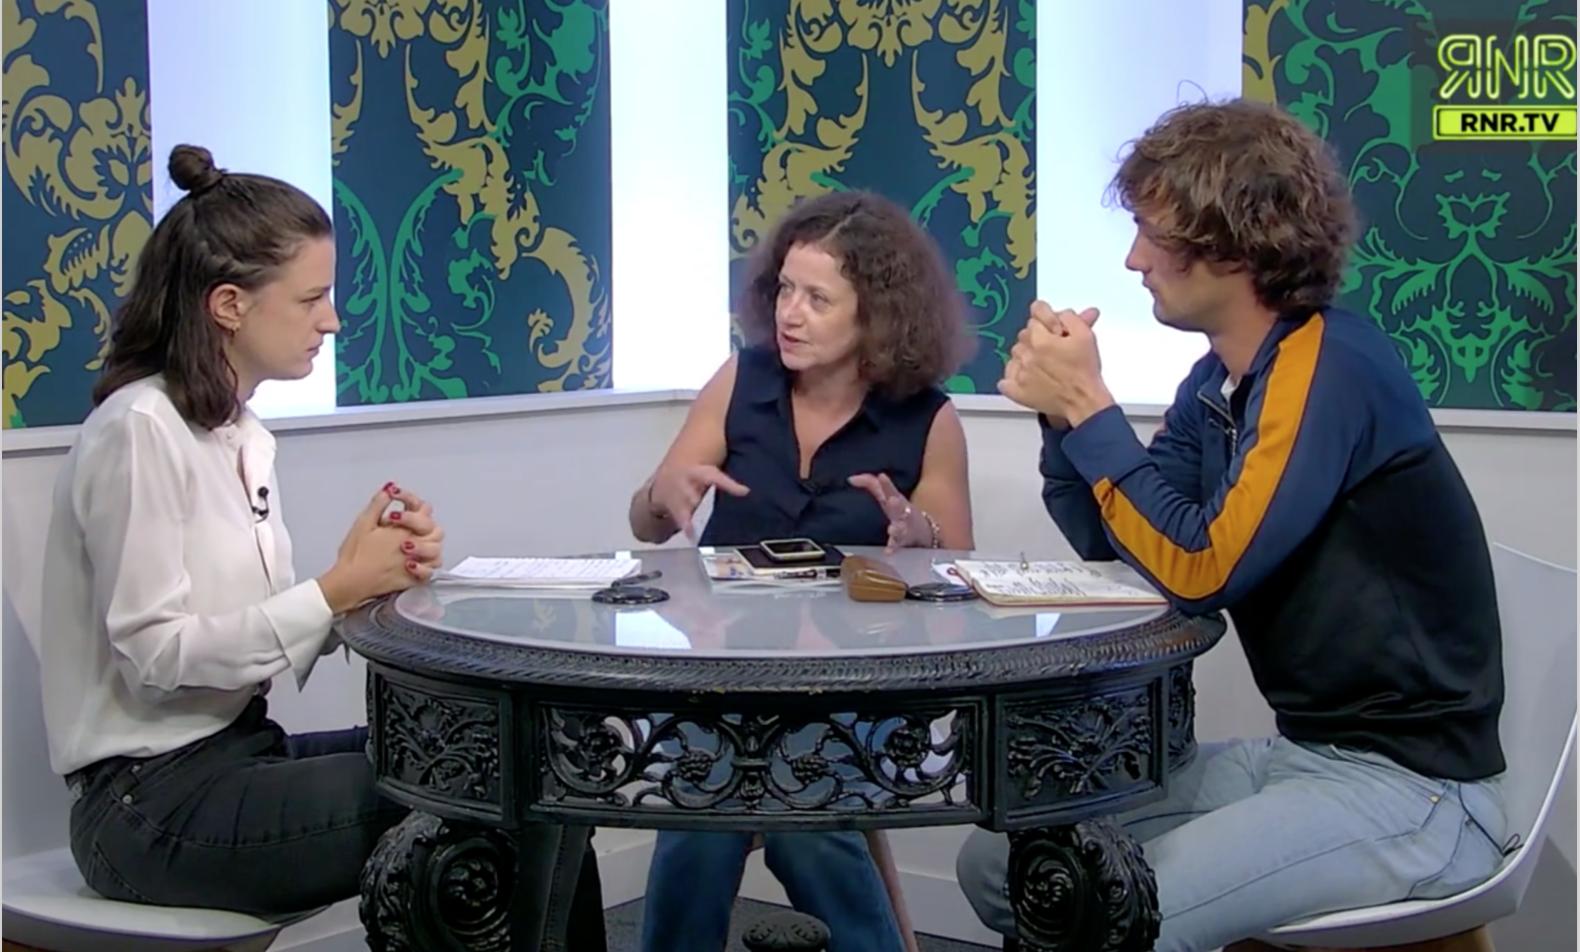 De gauche à droite, Eugénie Bastié, Elisabeth Lévy et Pablo Pillaud Vivien. Image: capture d'écran REACnROLL.